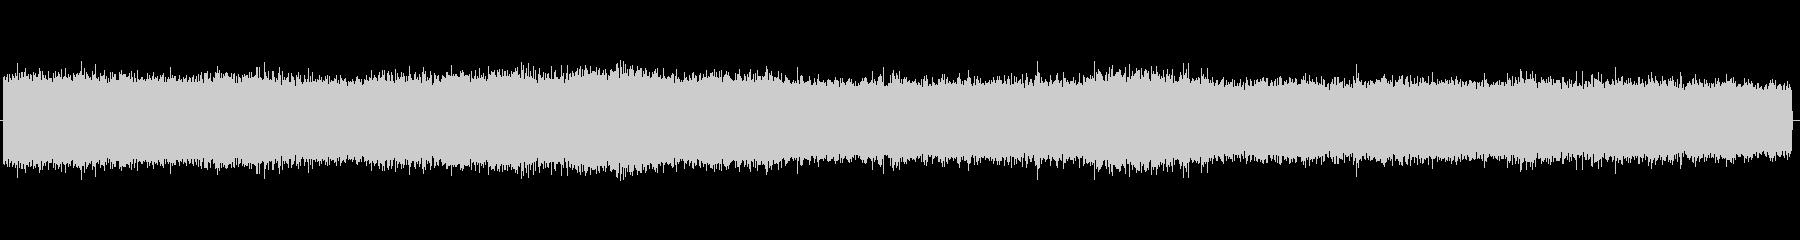 セミの鳴き声 03の未再生の波形